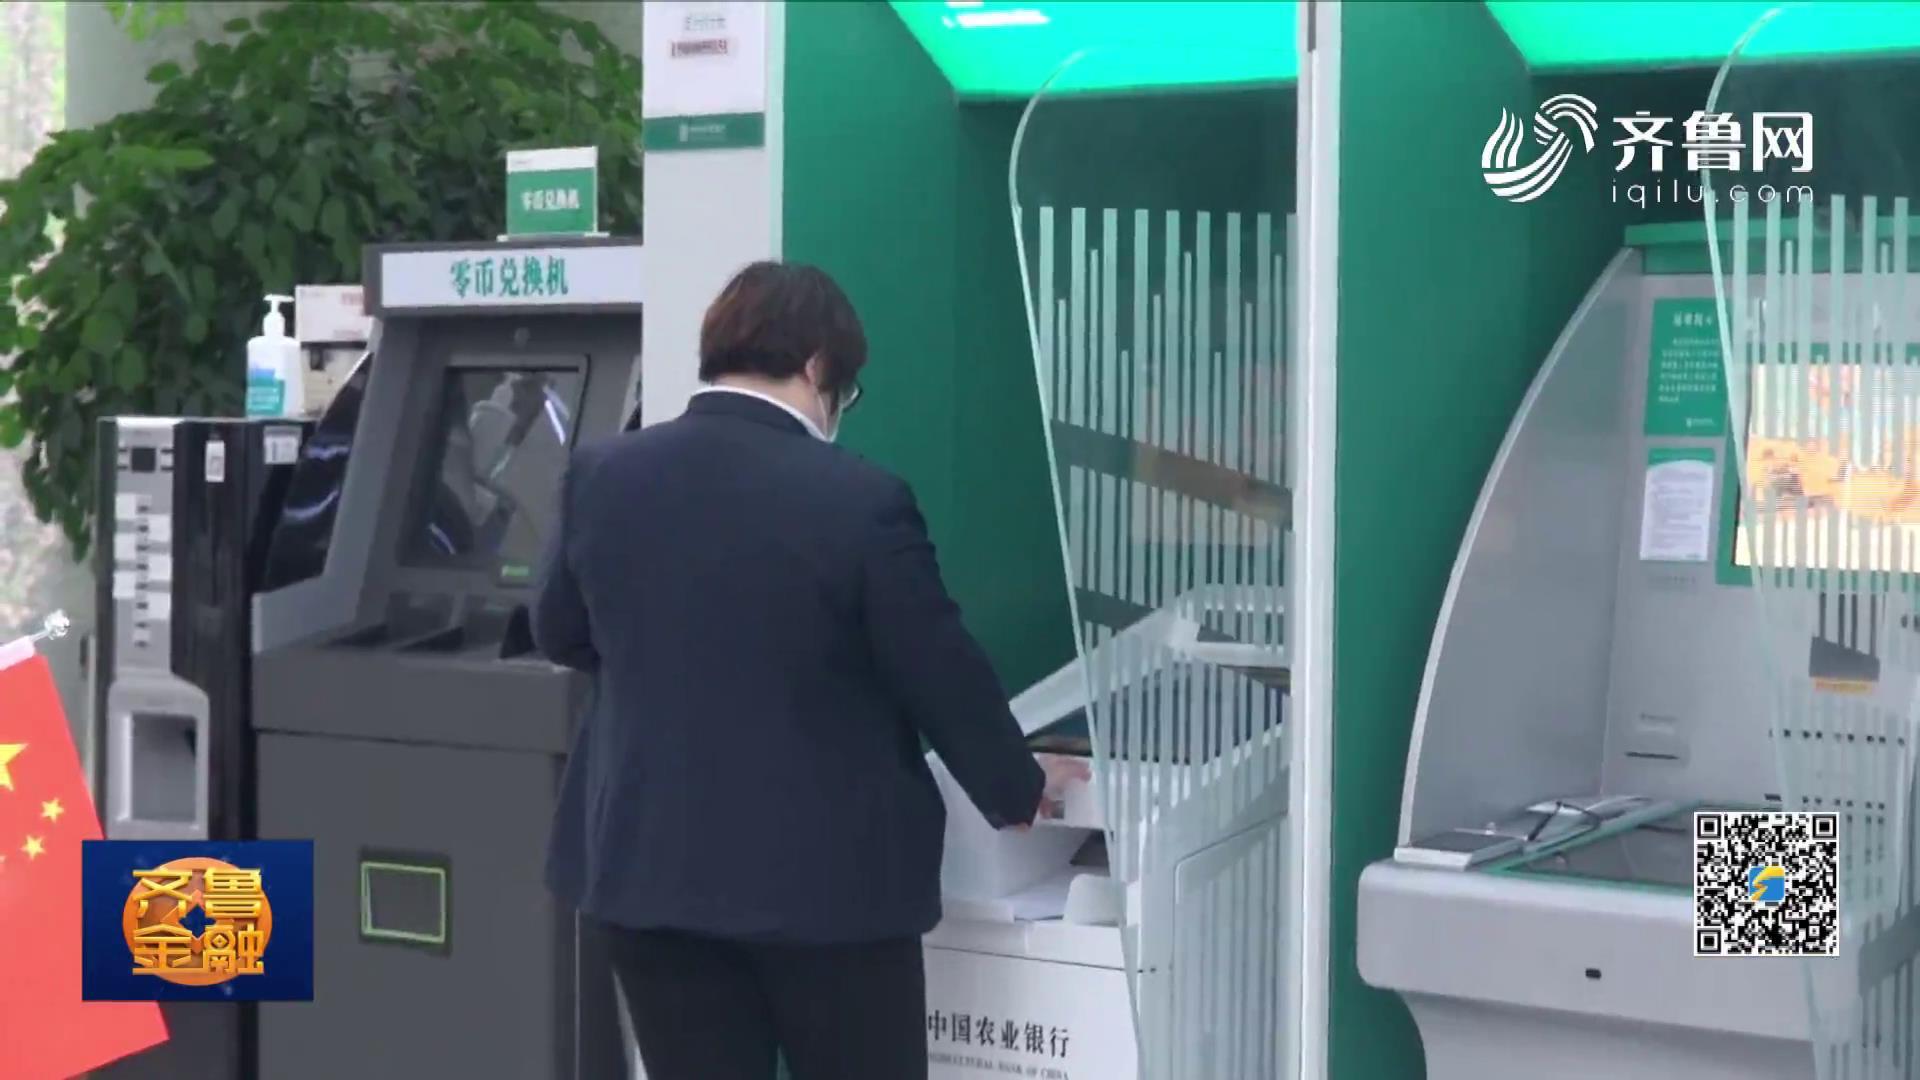 山东银保监局:进一步提升中小微企业金融服务质效《齐鲁金融》20201021播出